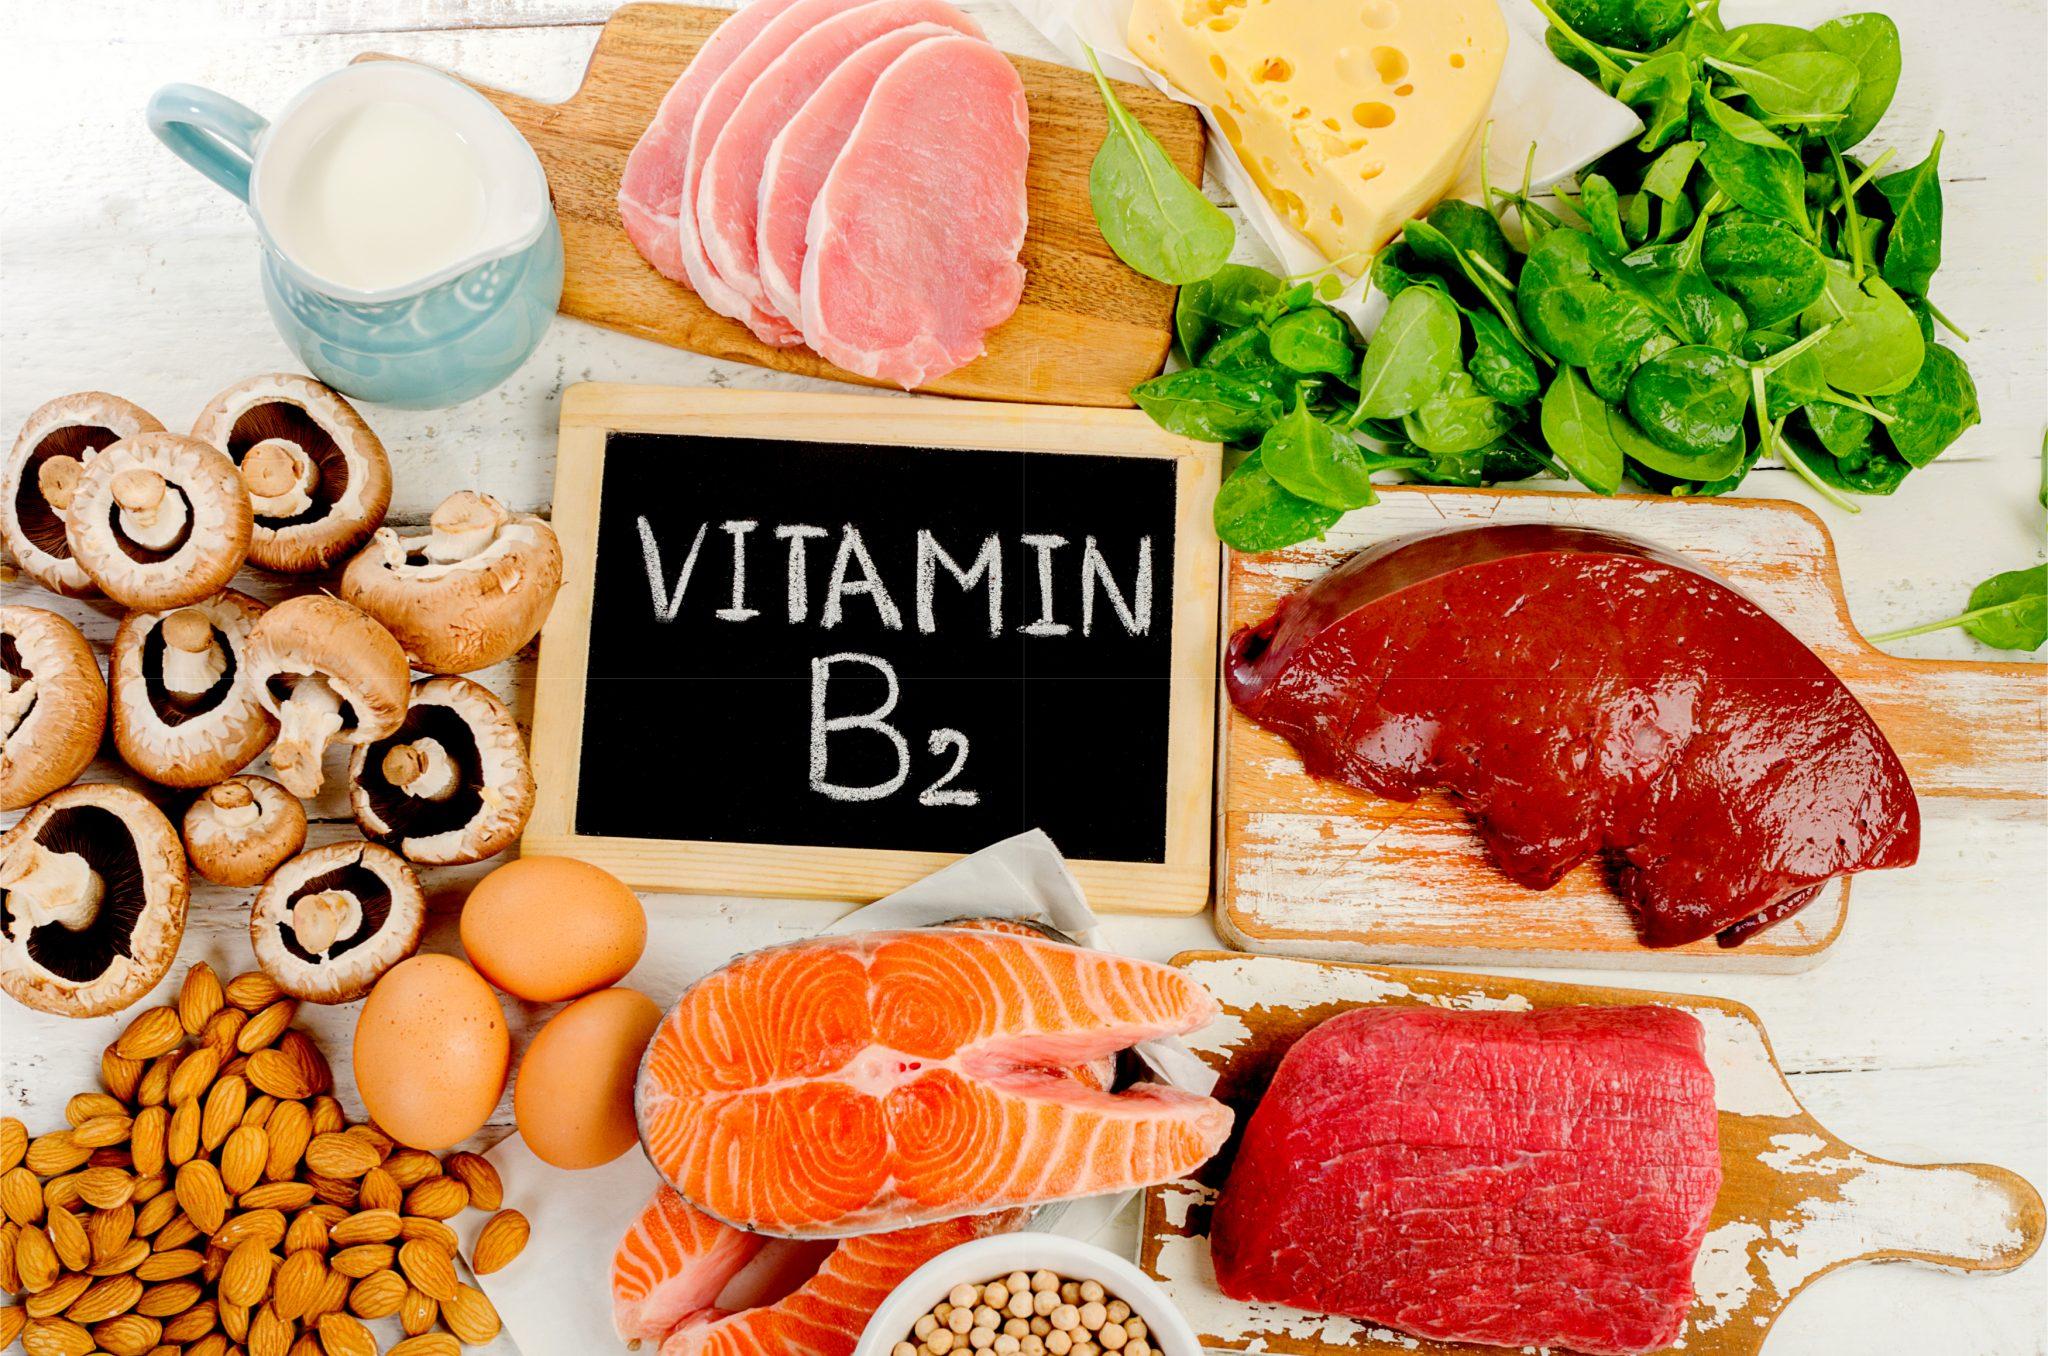 ビタミンB2を多く含む食べ物一覧